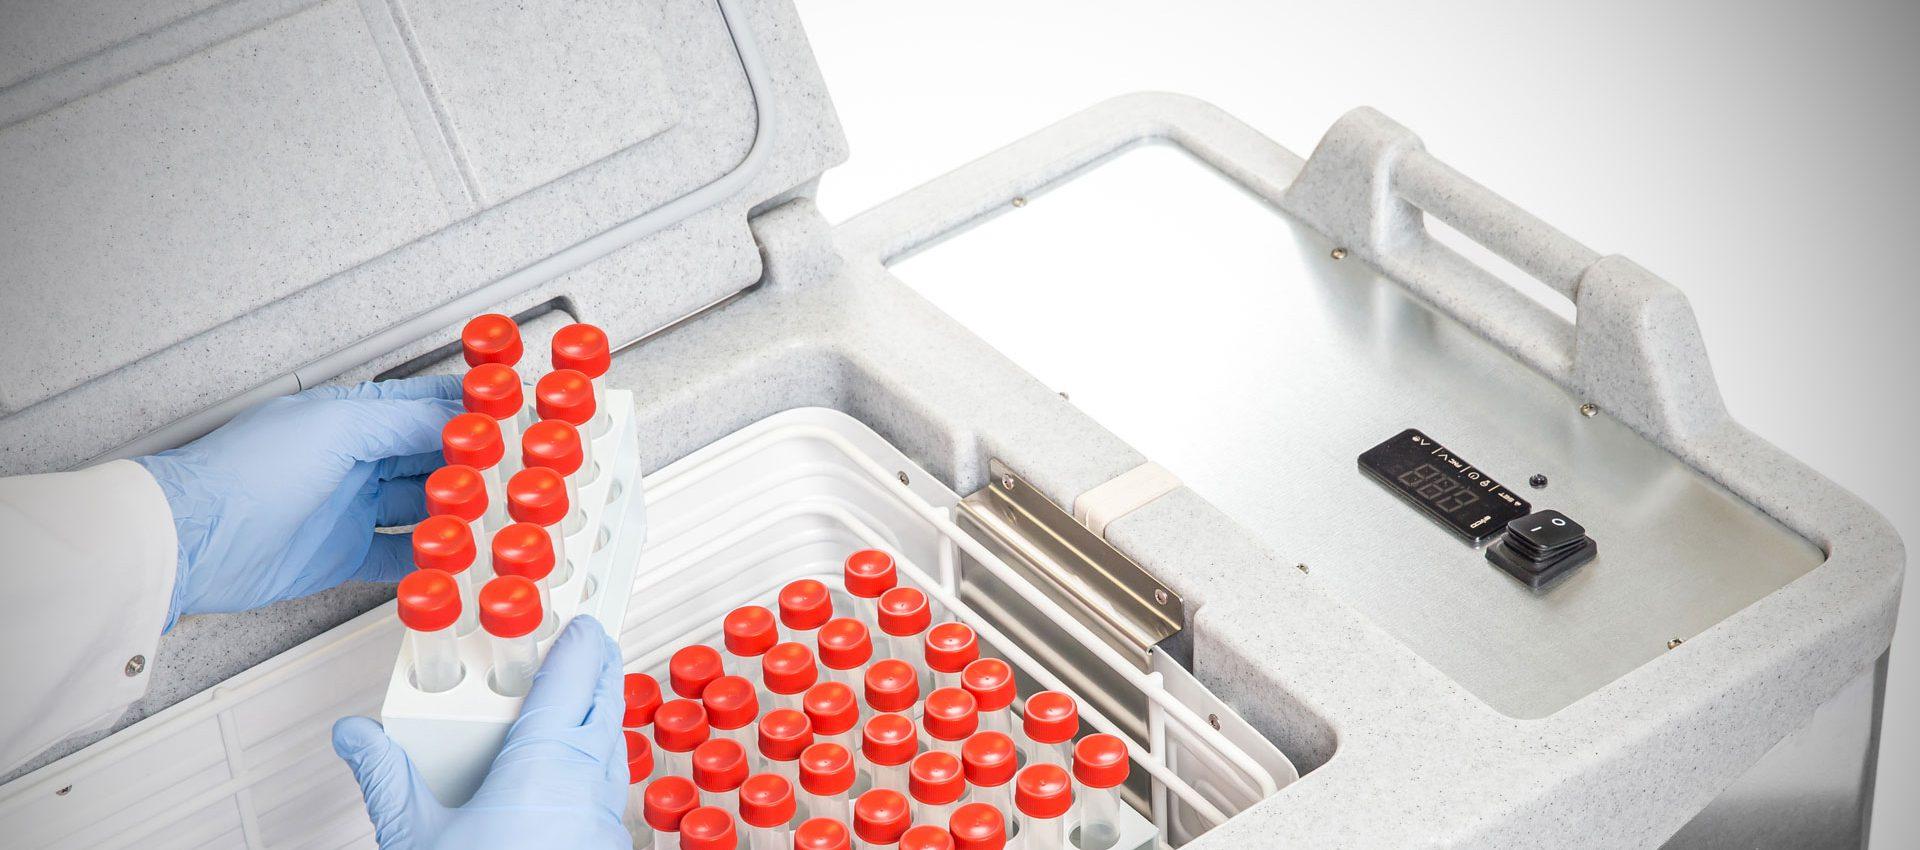 Trasporto farmaci a temperatura controllata